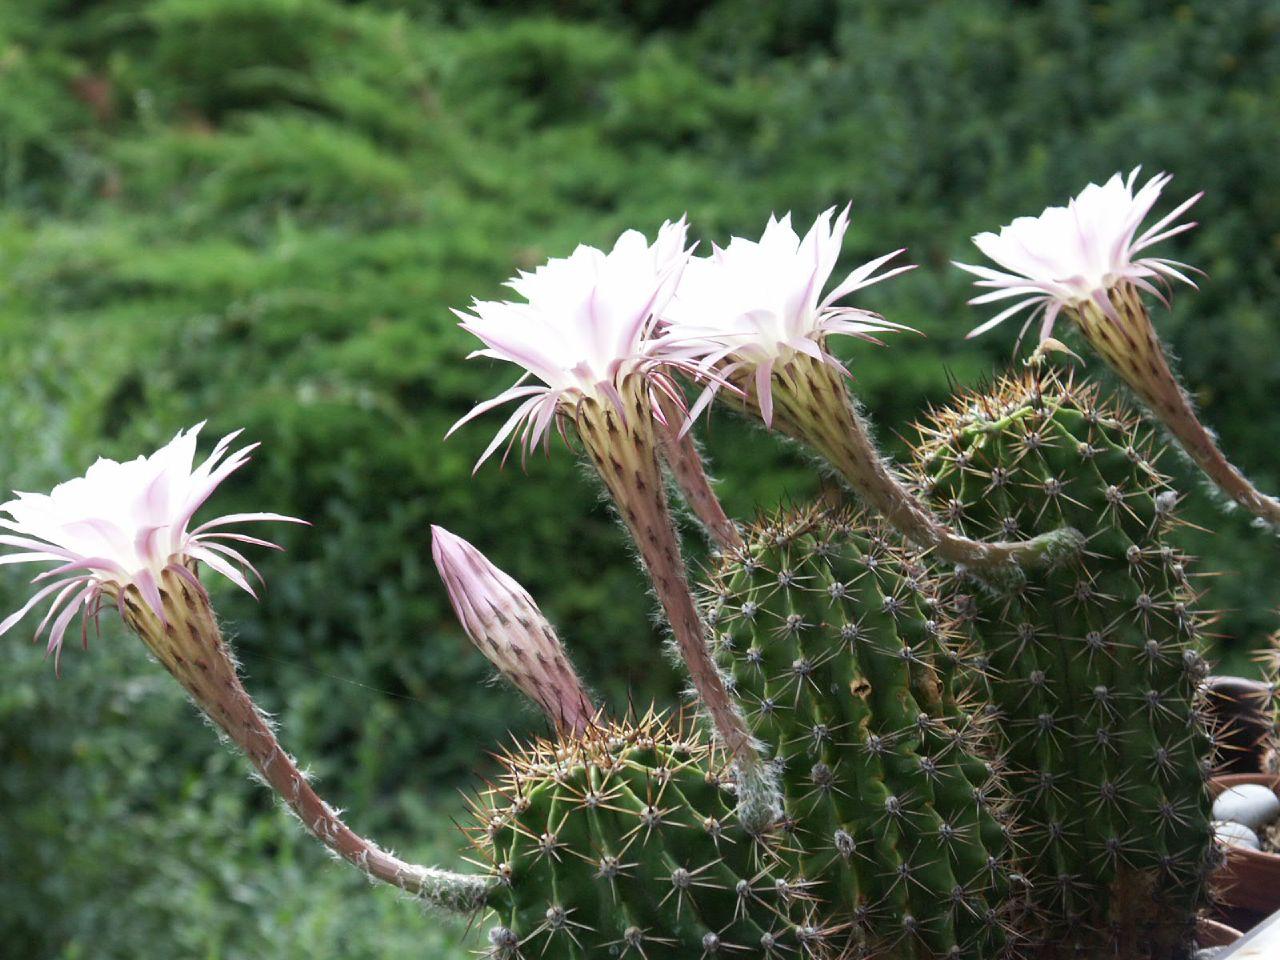 куст эхинопсис виды фото и названия листья, примеру